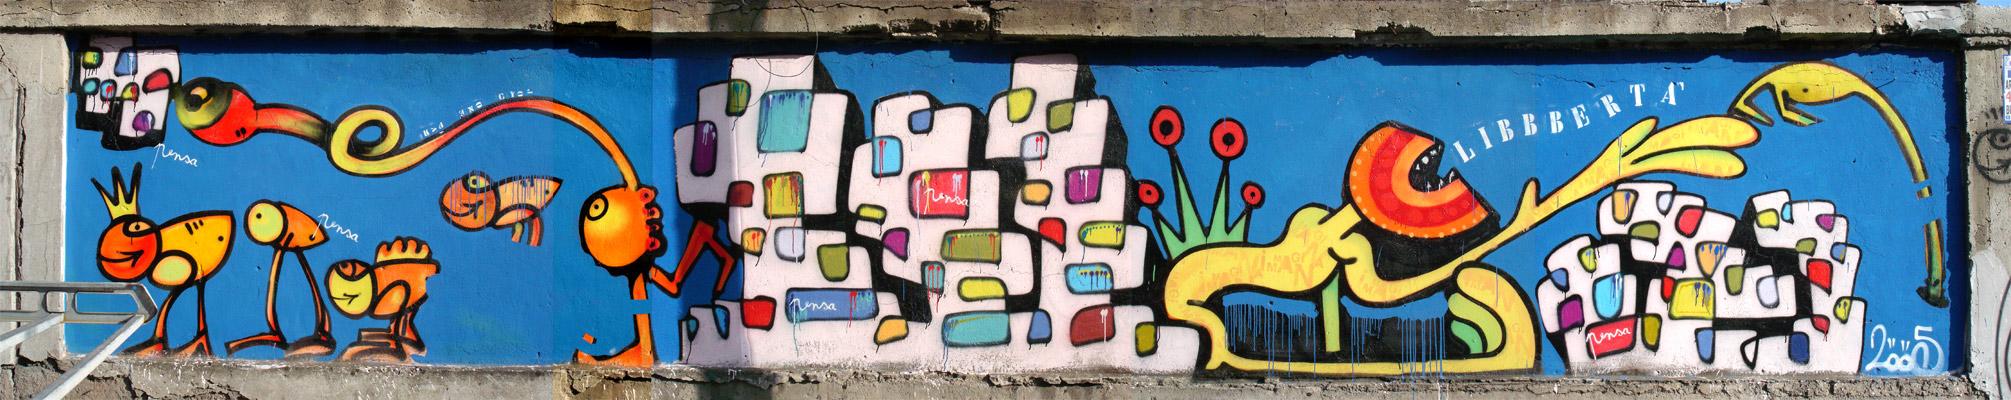 Sprayer for 18th street gang mural